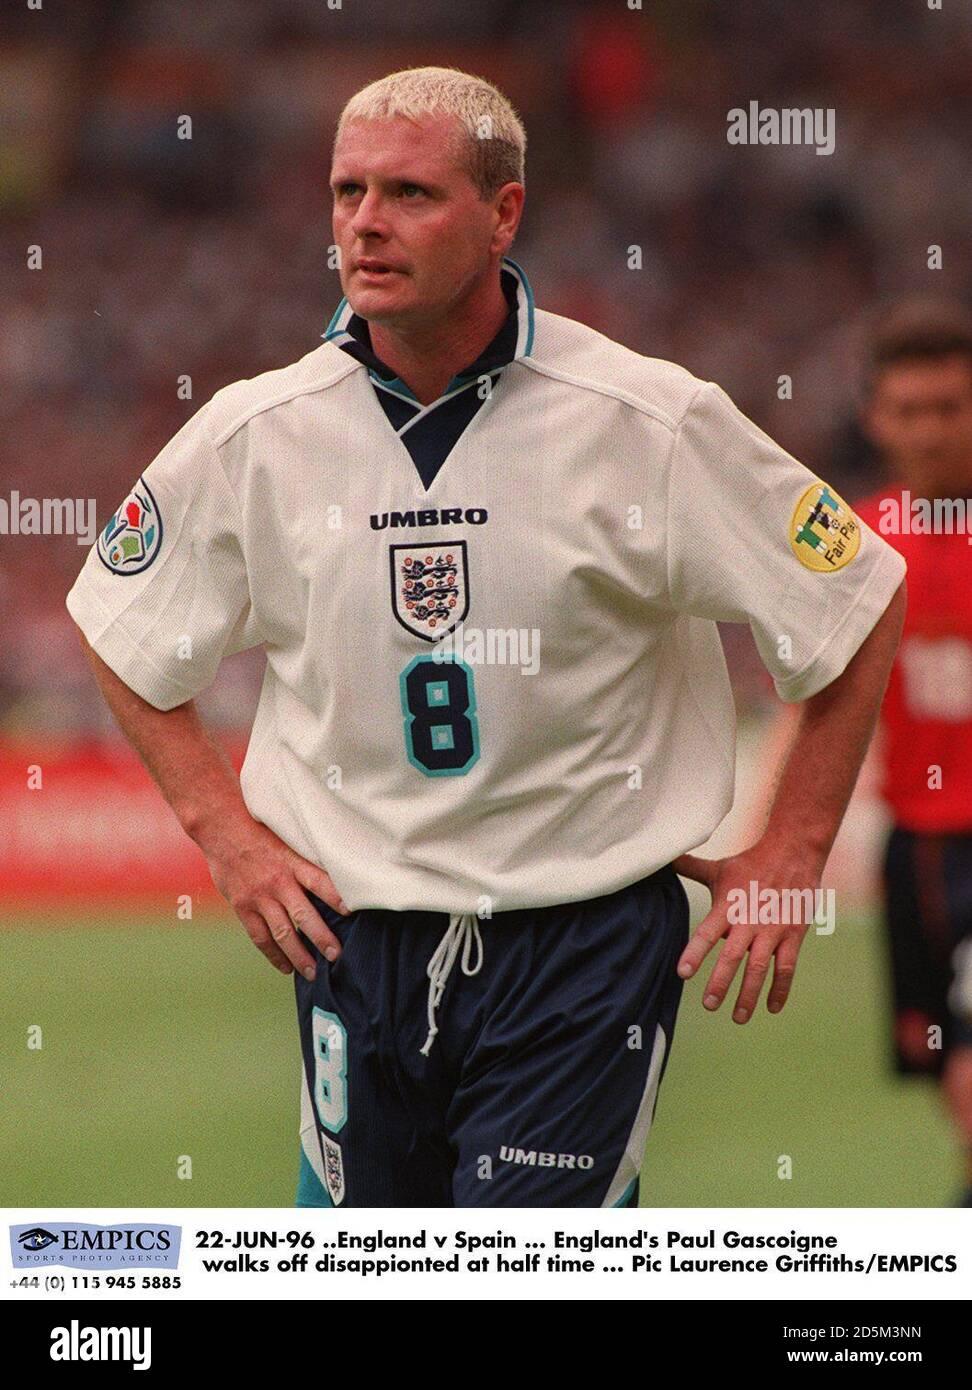 22-JUIN-96 ..Angleterre / Espagne ... Paul Gascoigne, en Angleterre, s'en va à mi-temps Banque D'Images